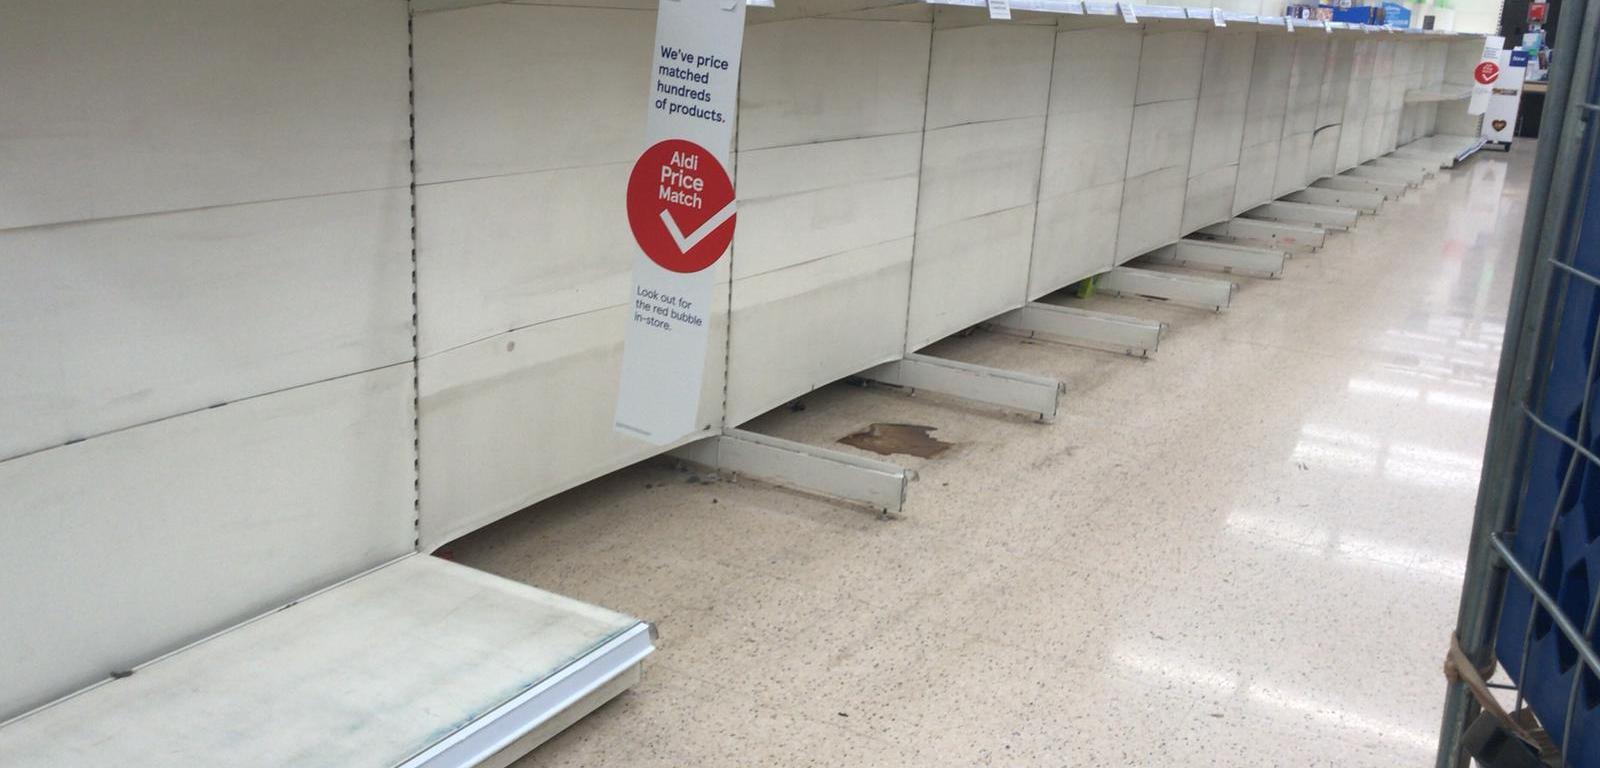 Prateleira vazia no supermercado Tesco, em Watford - Inglaterra. Foto de Paulo Madeira.